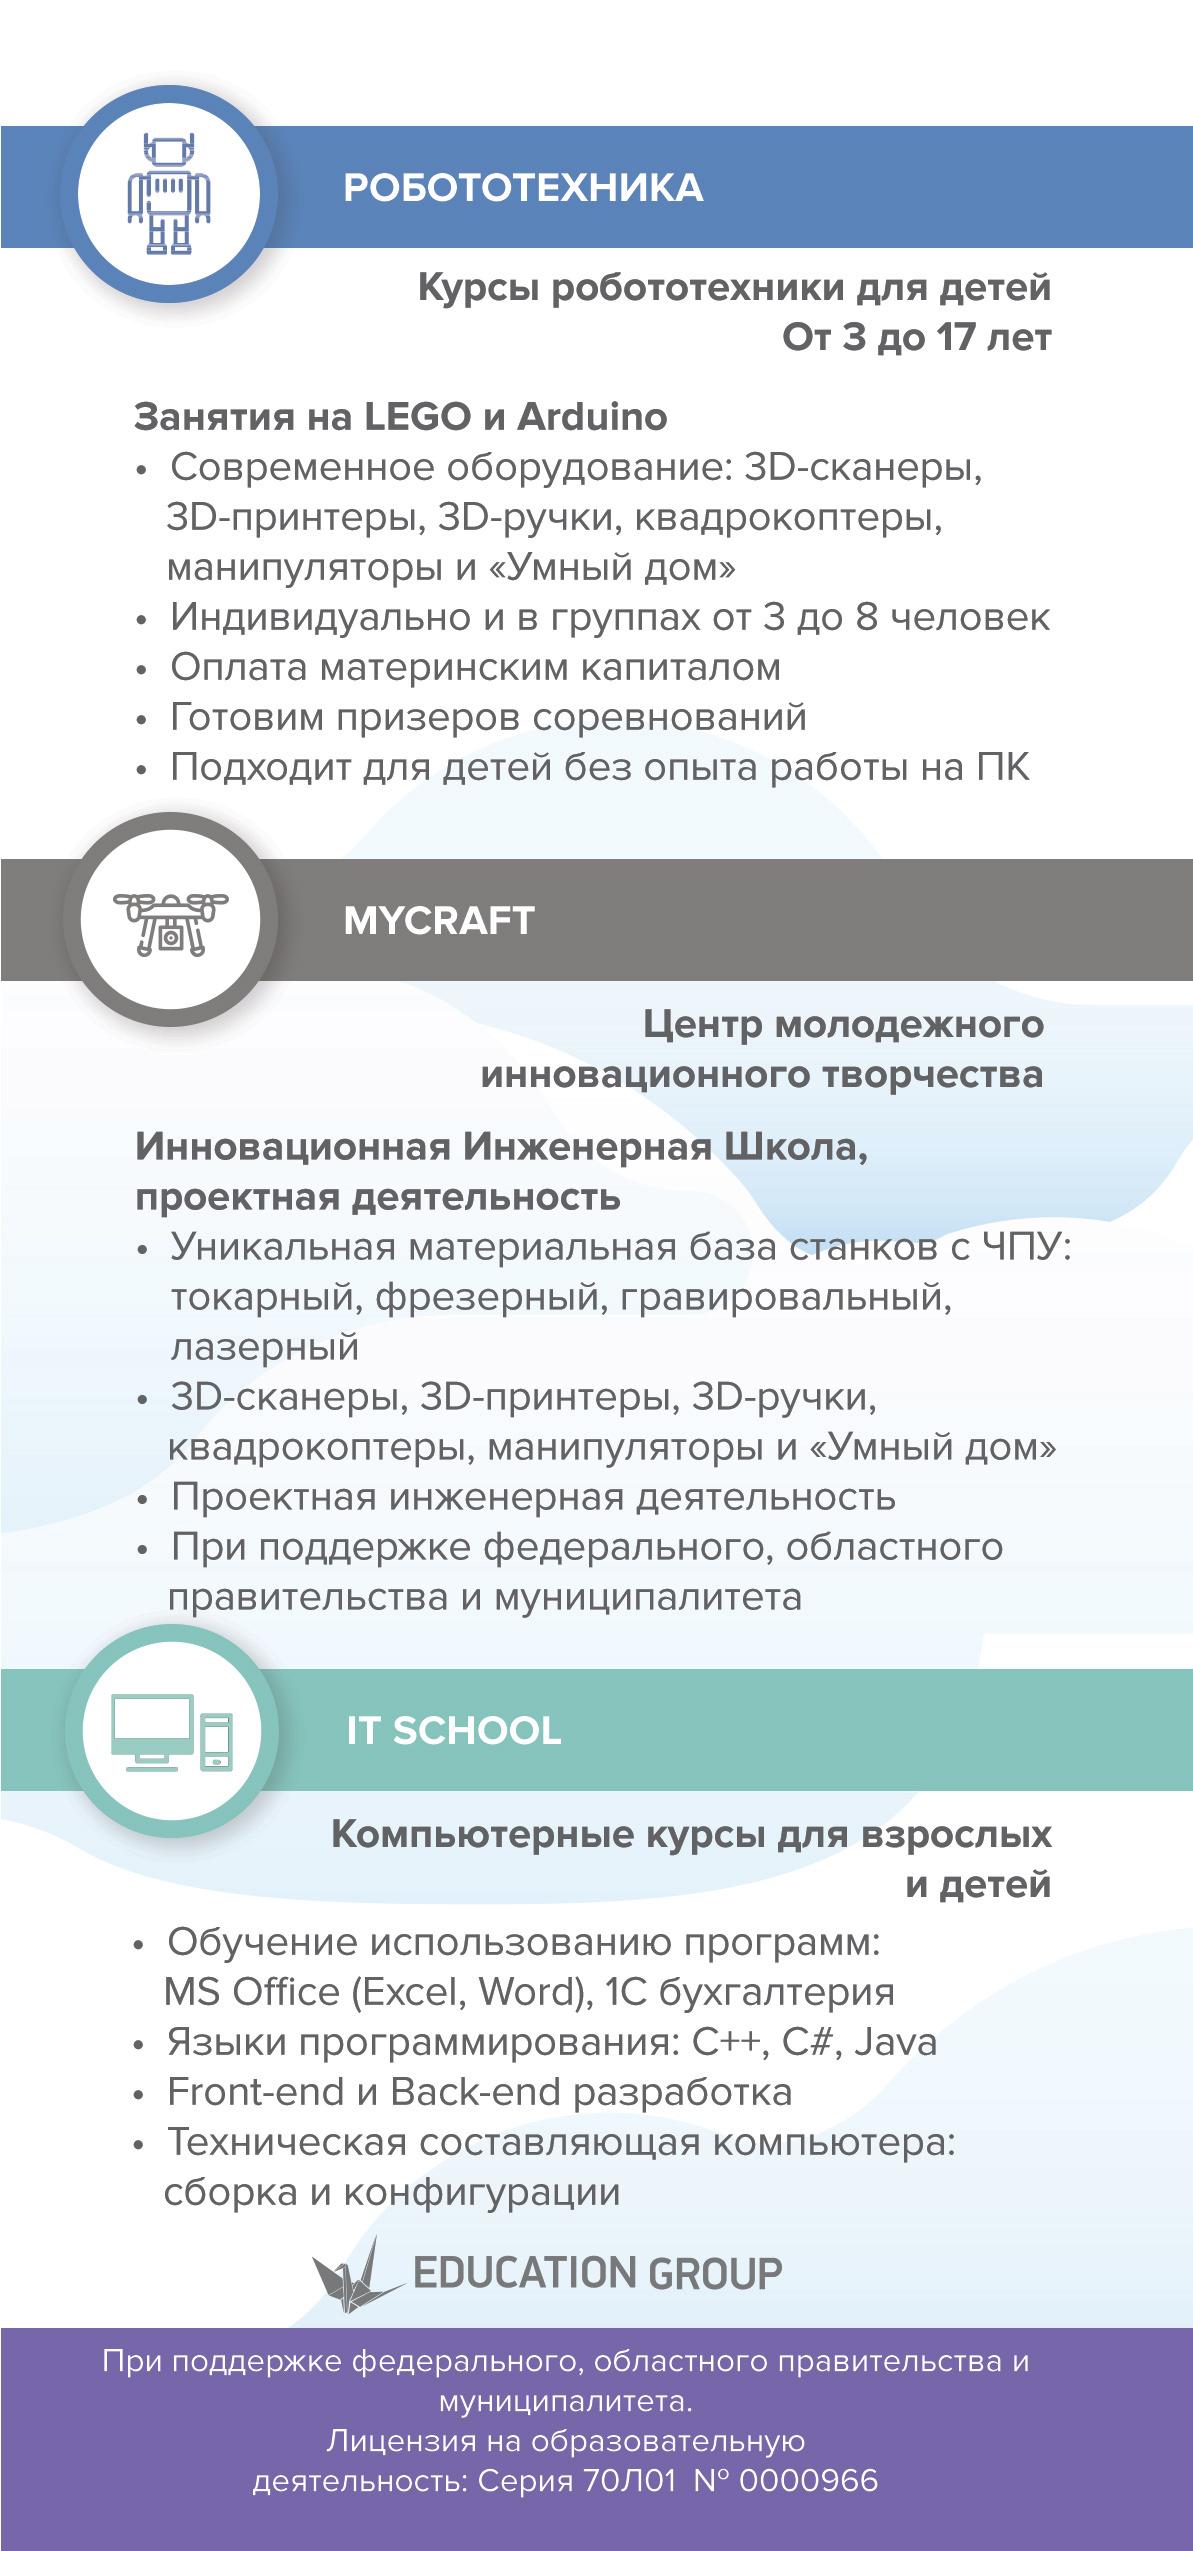 Приглашаем ребят принять участие в образовательных мастер-классах!